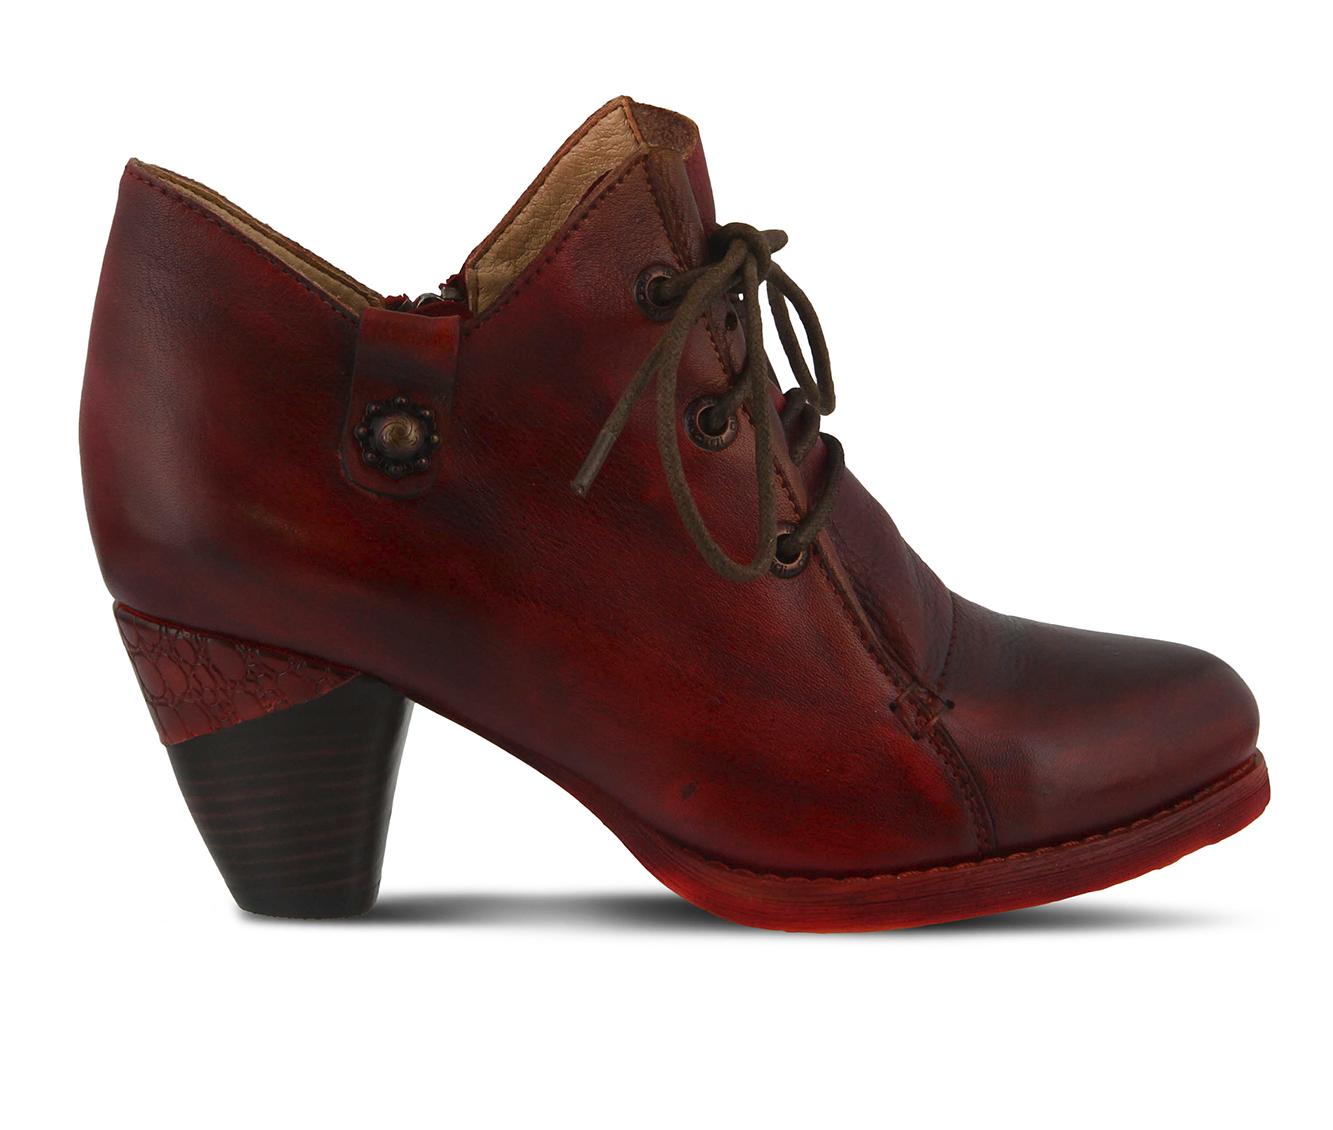 L'Artiste Juliane Women's Dress Shoe (Red Leather)